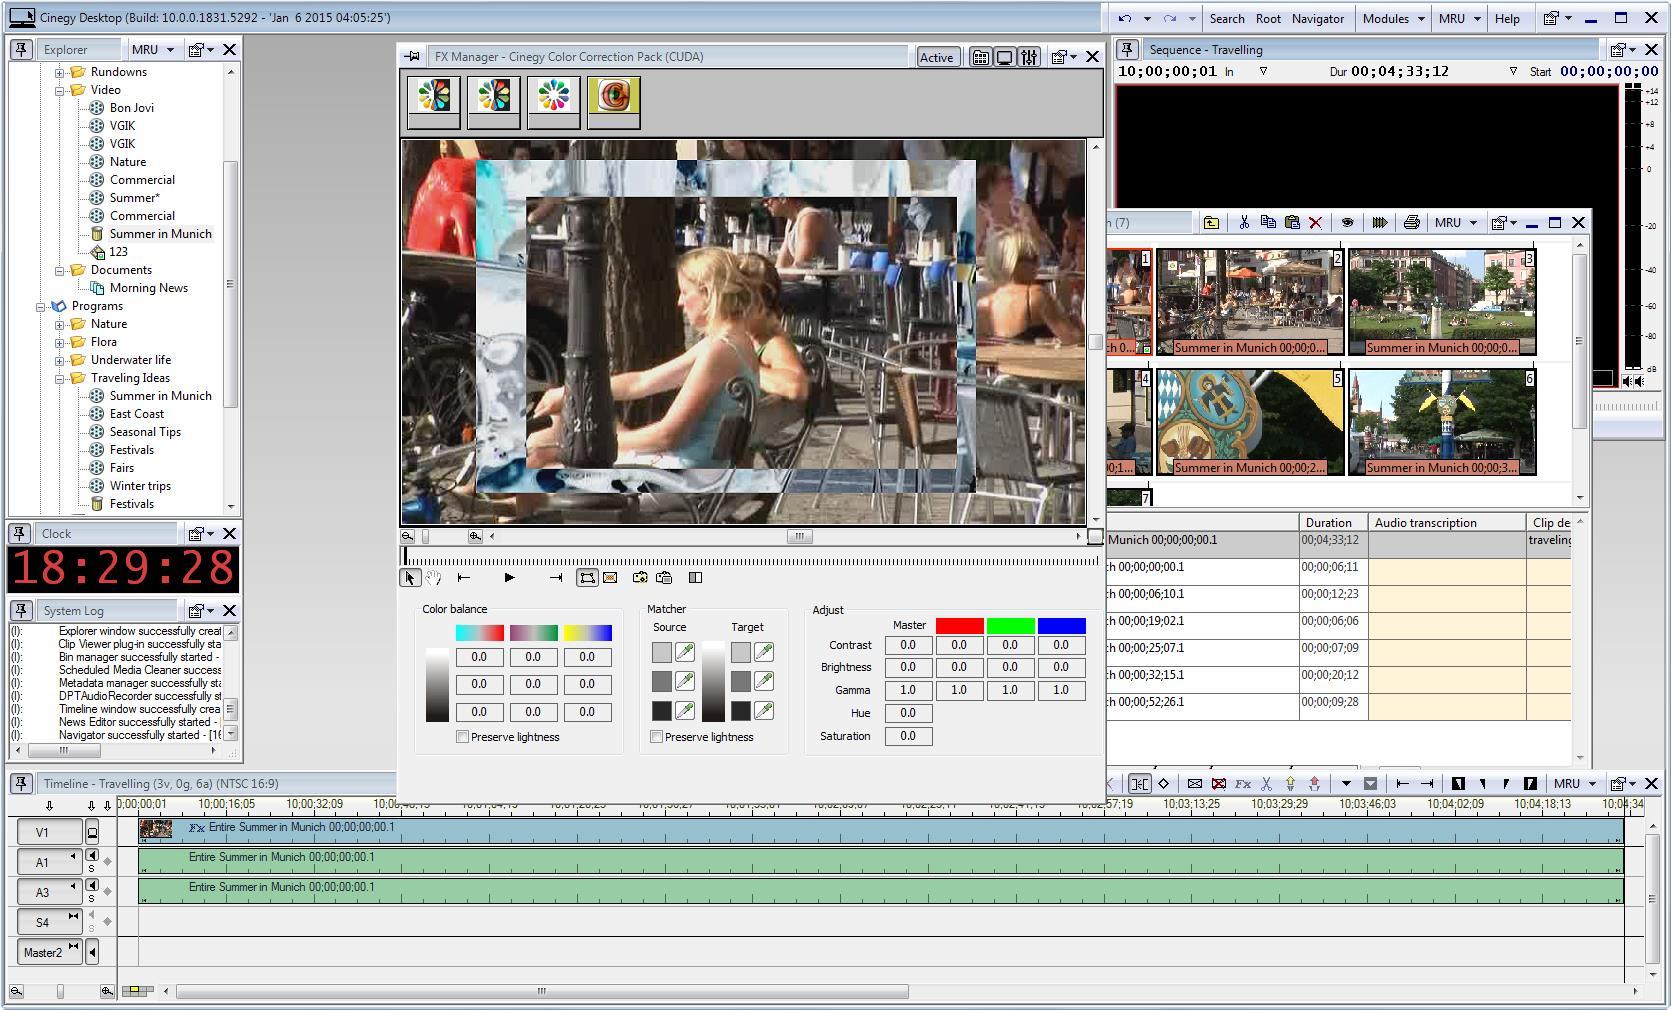 Интерфейс клиентского модуля Cinegy Desktop - добавление эффектов